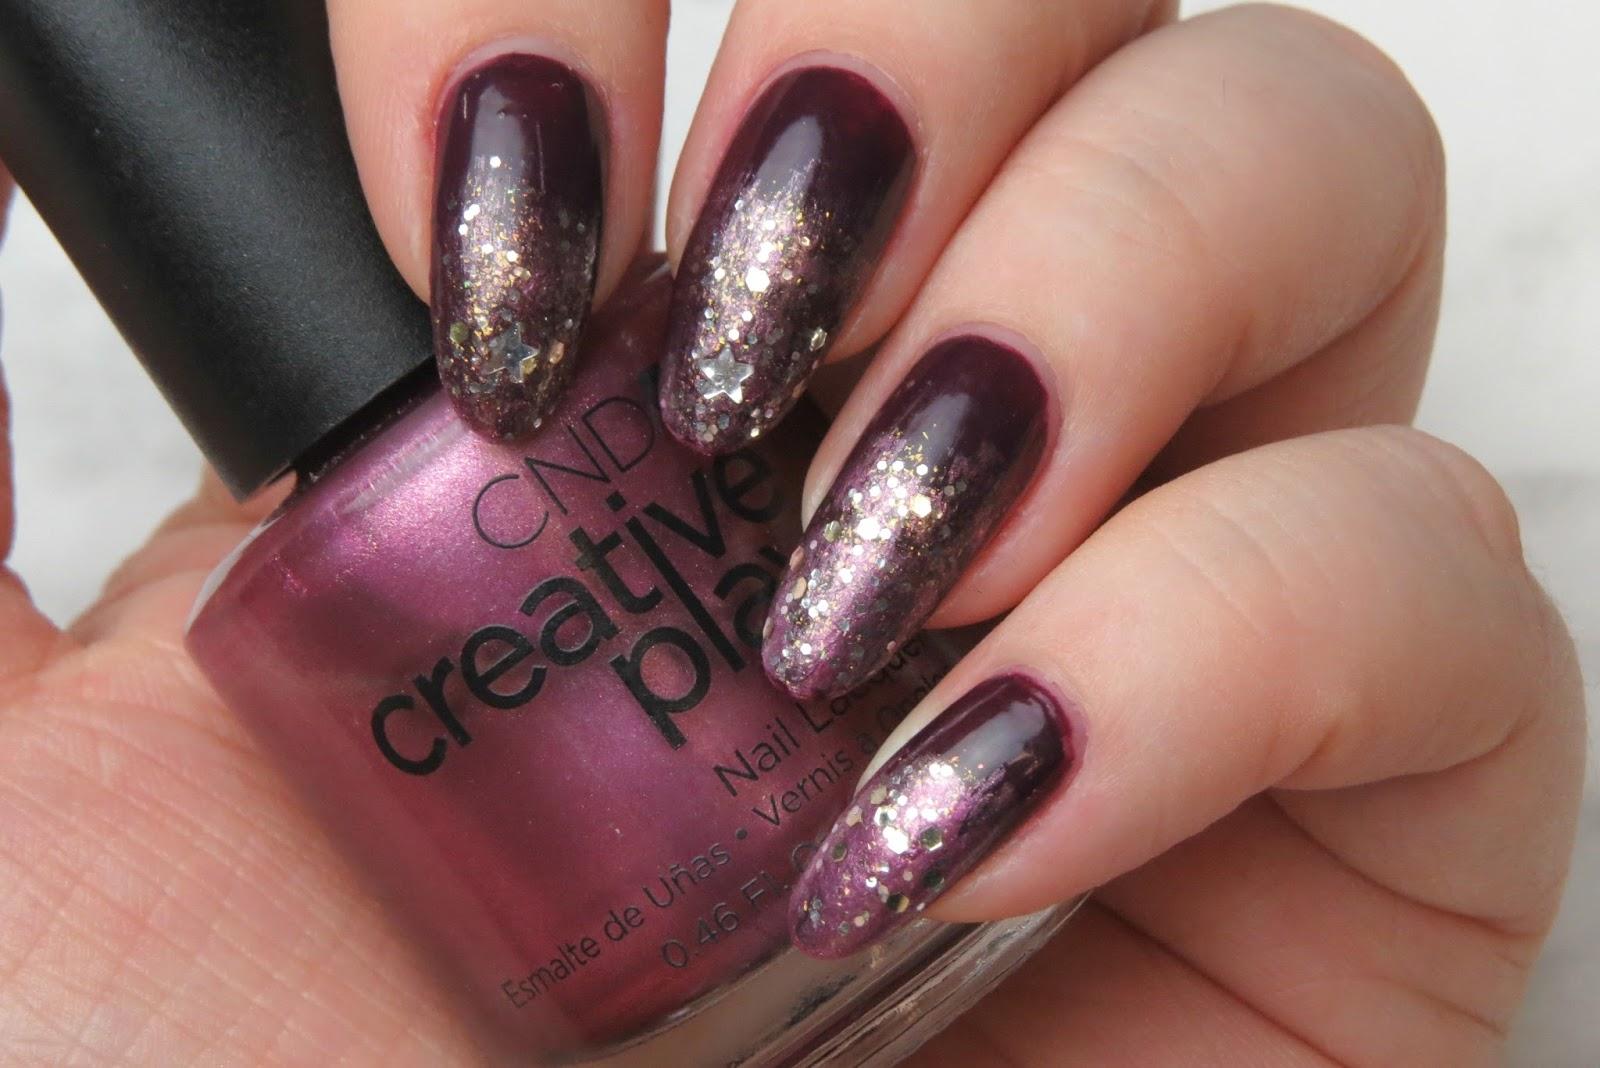 Mani Monday: Ombréd Glitter | Kaitlyn Elisabeth Beauty